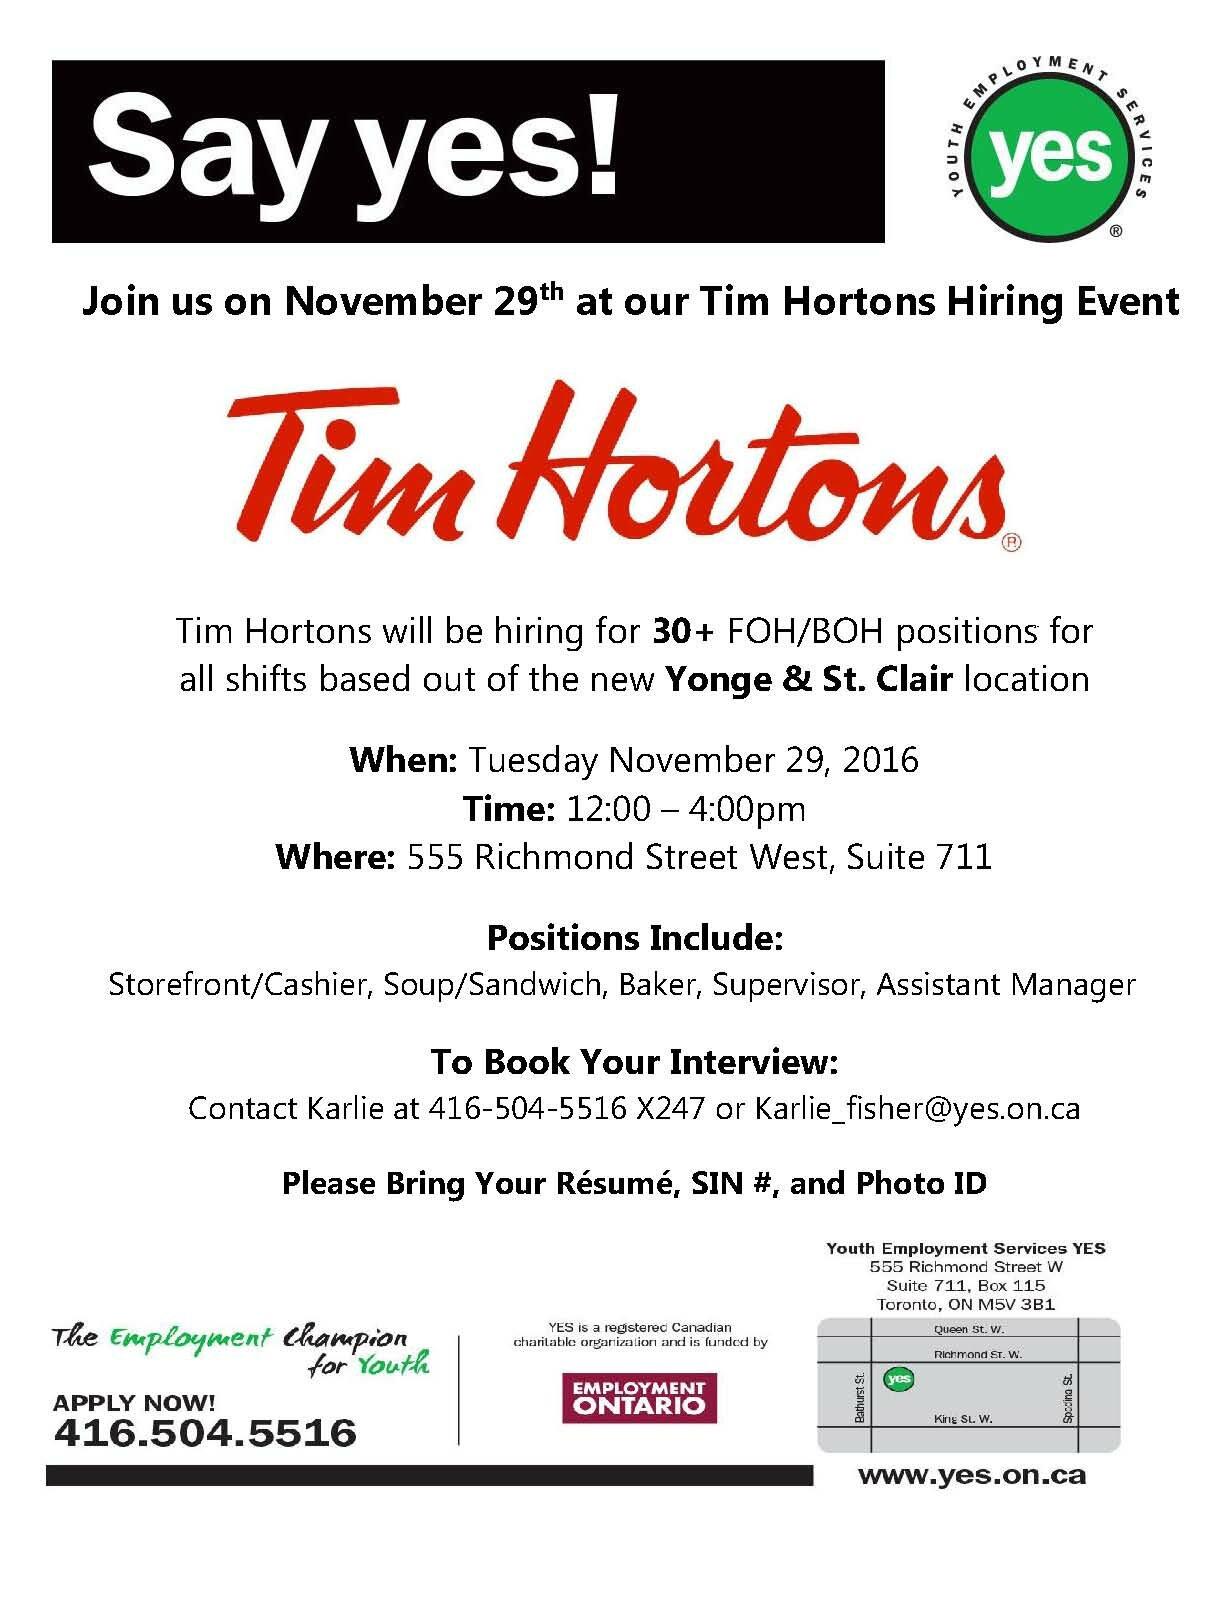 resume for tim hortons job sample 100 resume tim hortons sample